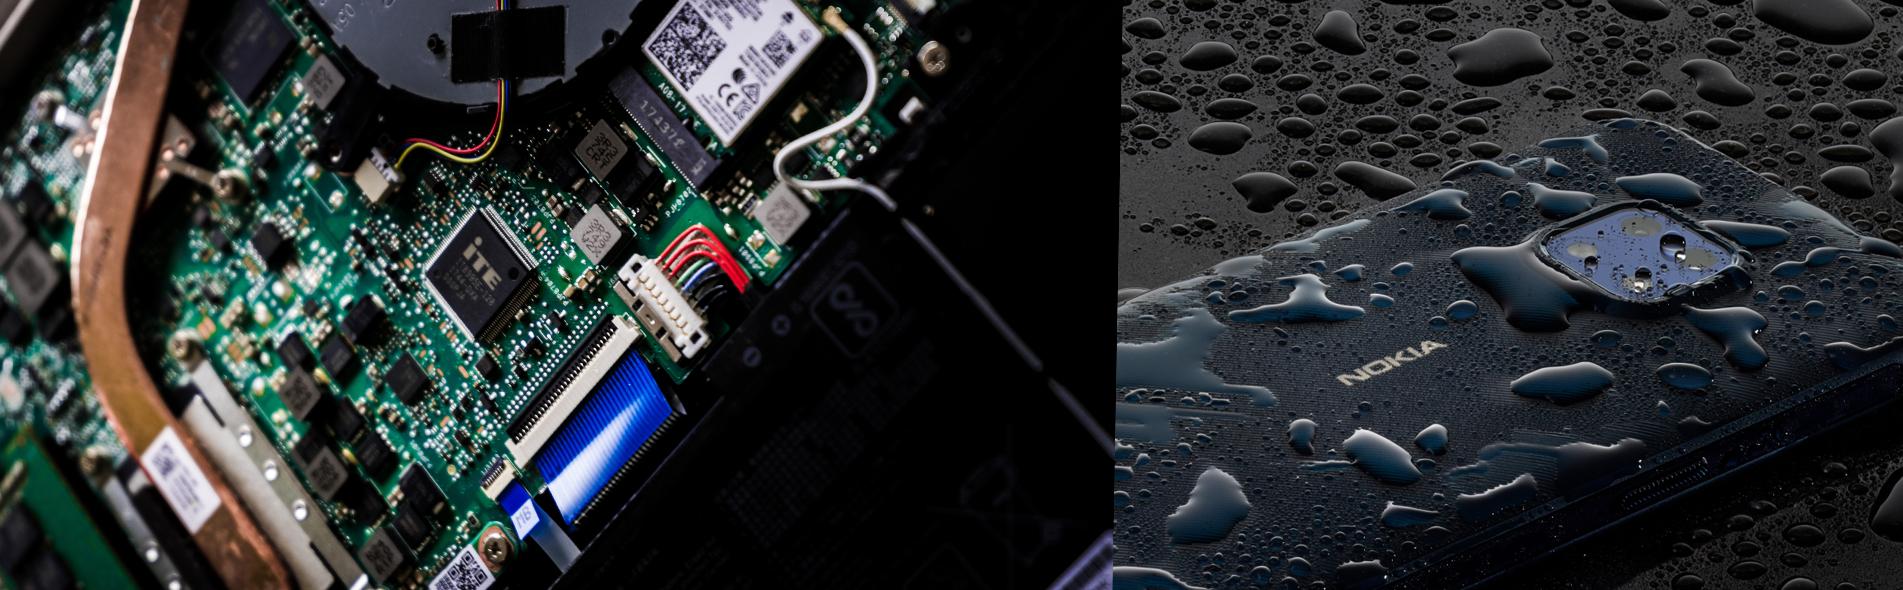 Nokia Mobile Service Banner